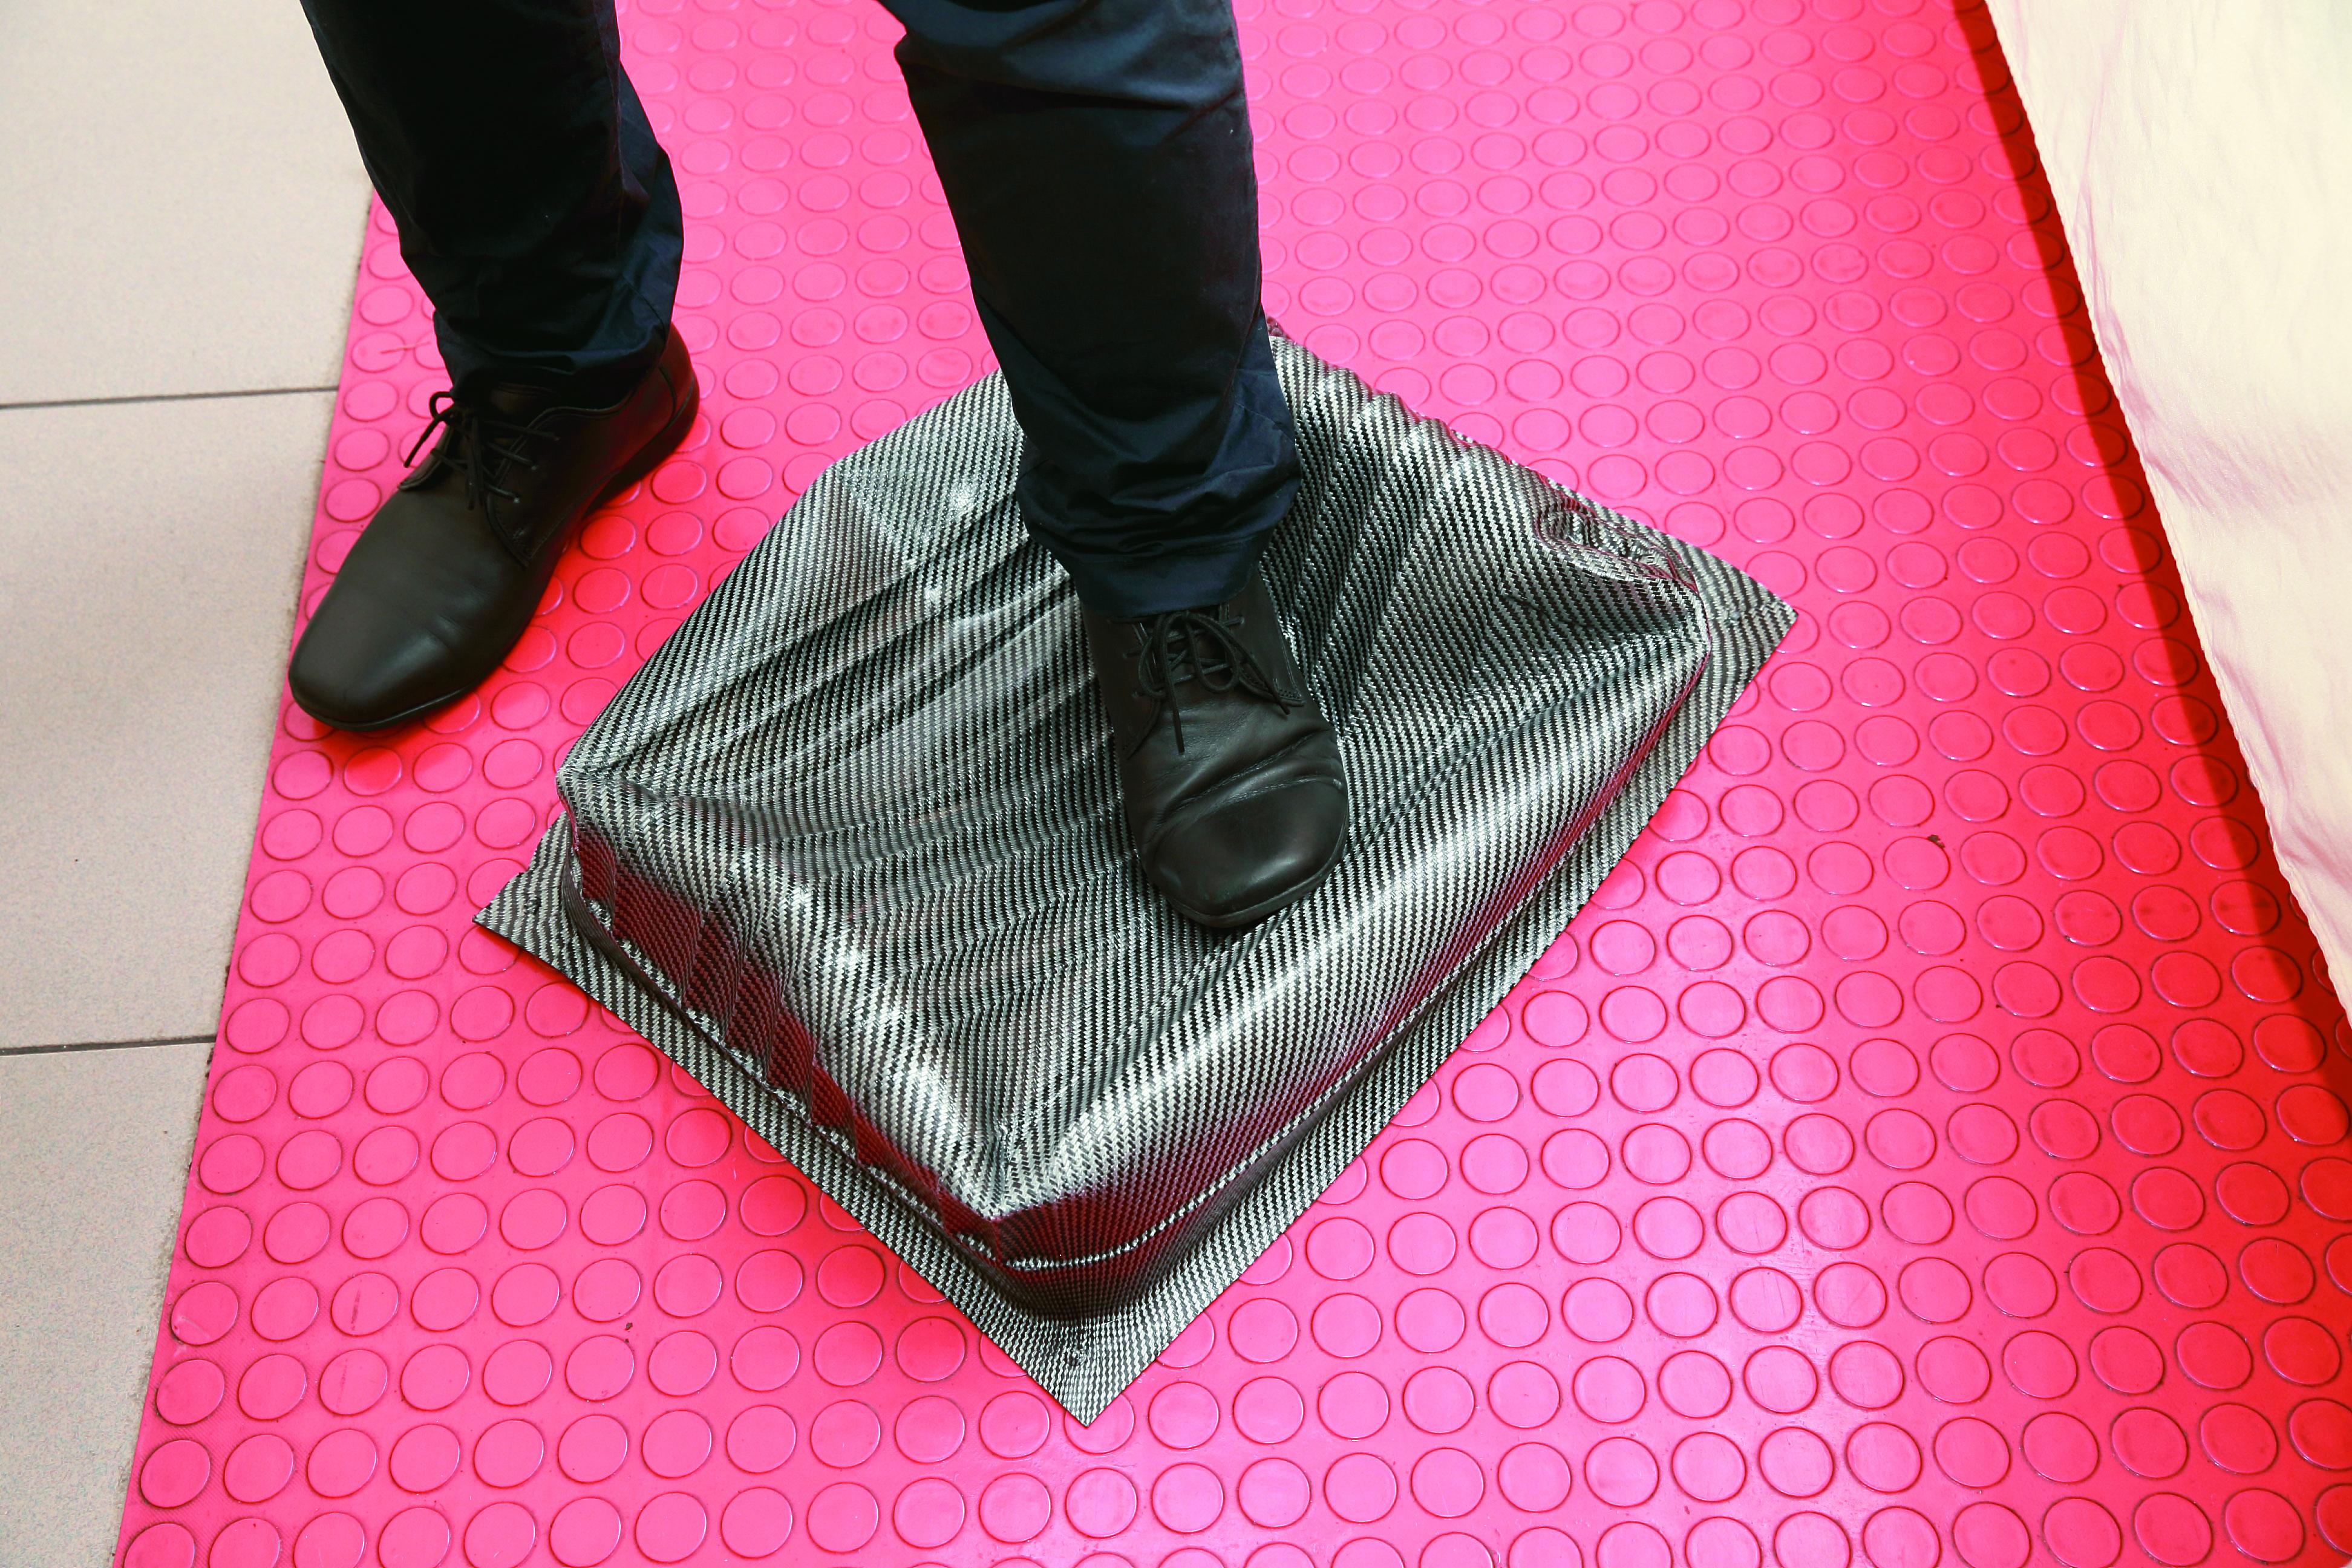 利用熱塑性碳纖維複合材料技術,製成質地輕、剛性強且重壓不會脆裂的行李箱。